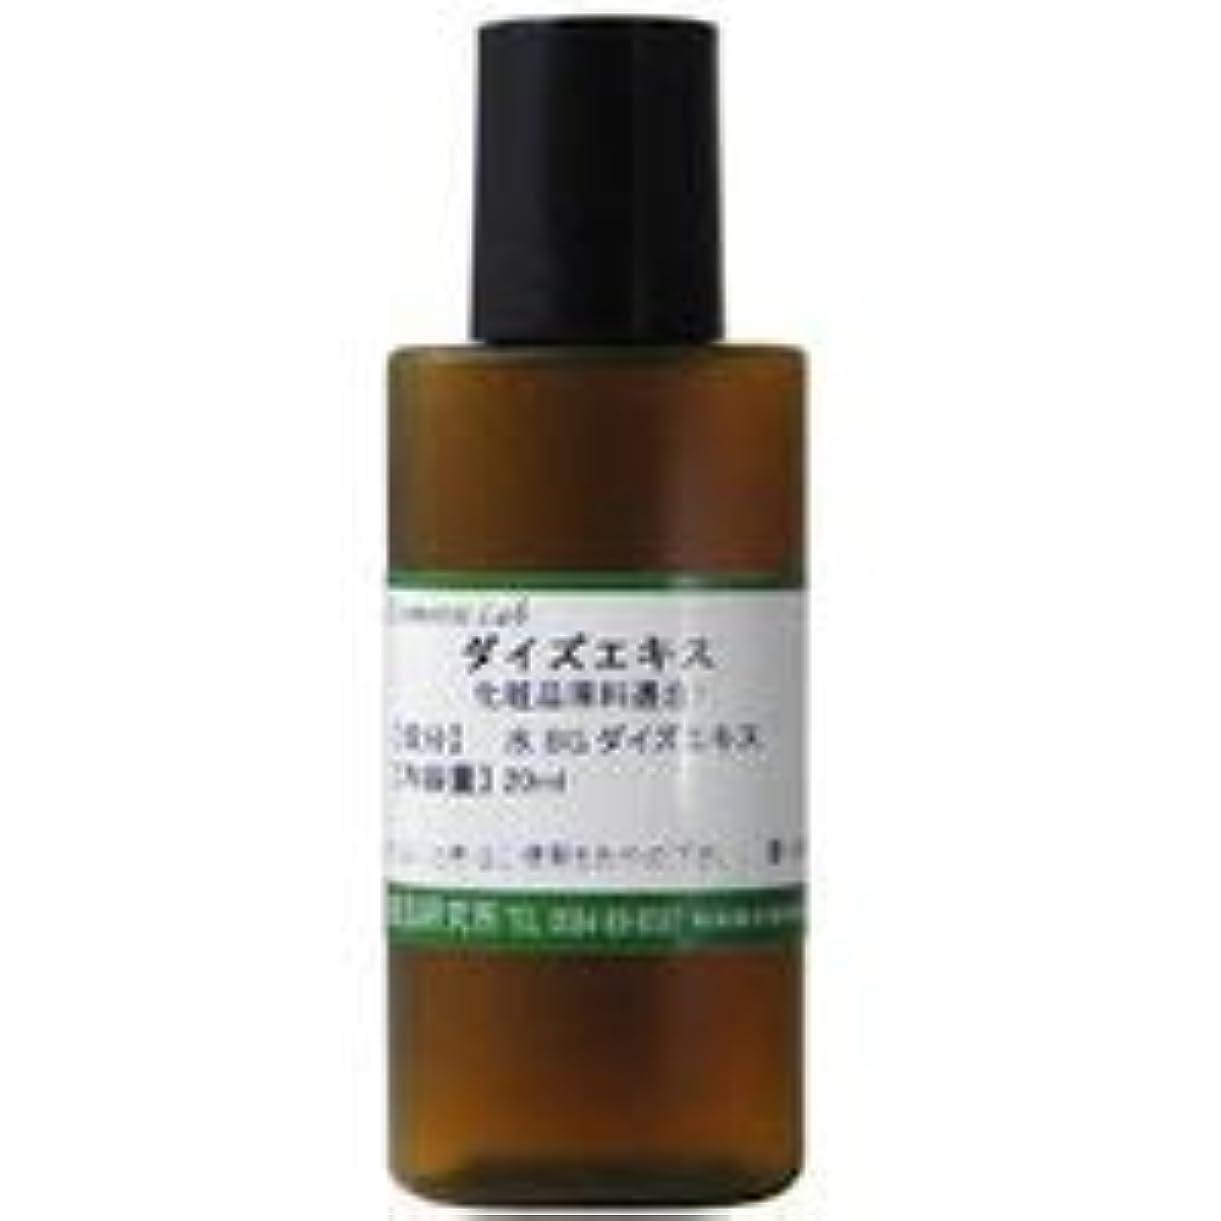 百万人気緑大豆エキス 20ml 【手作り化粧品原料】